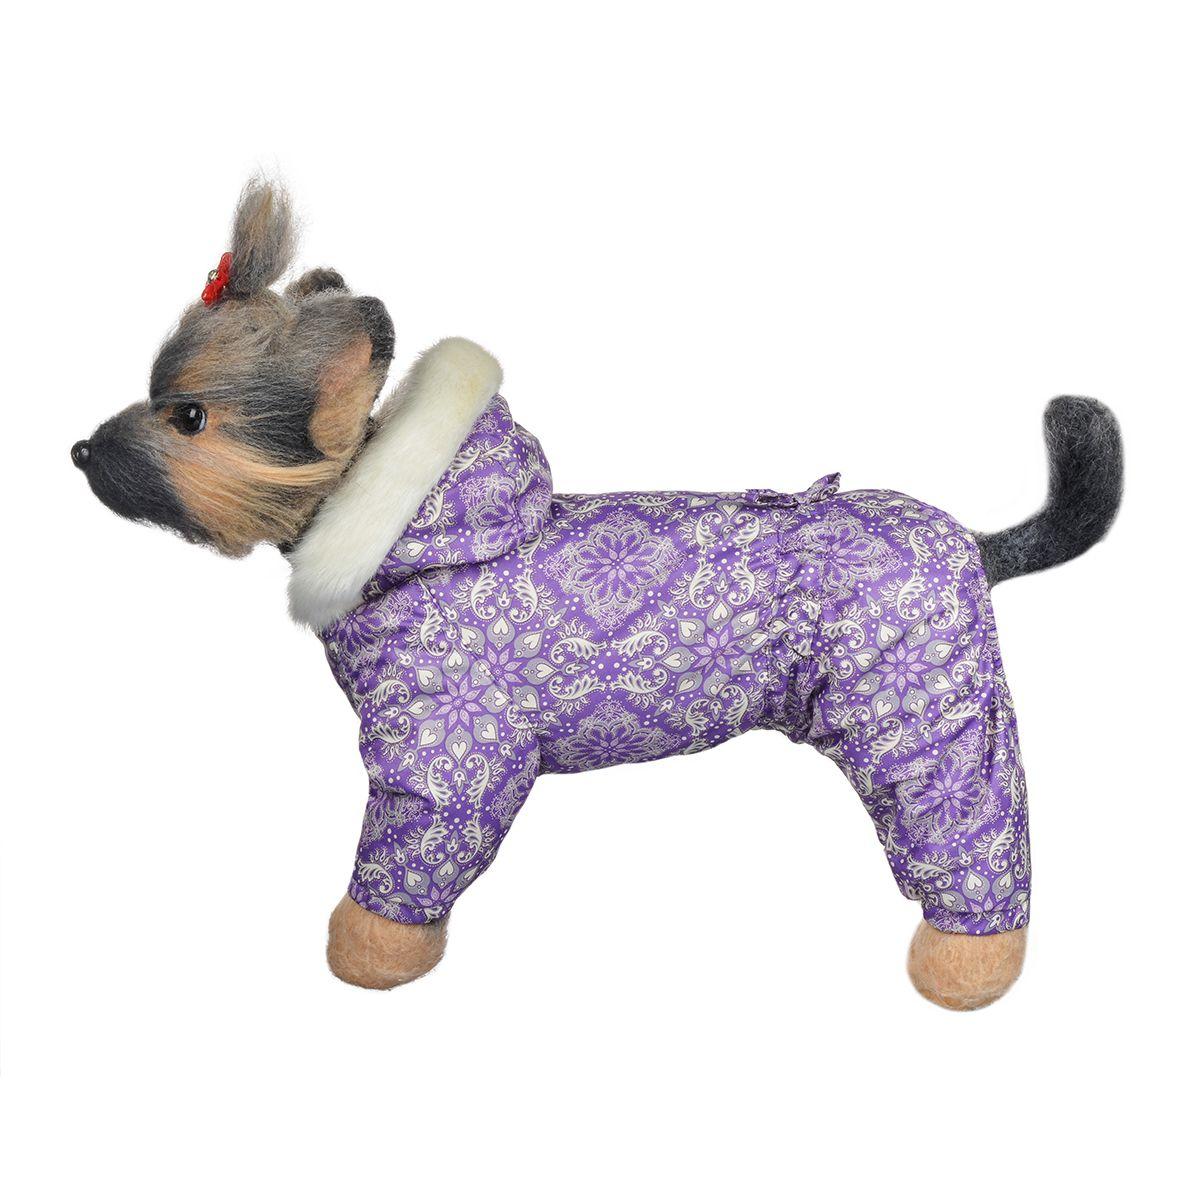 Комбинезон для собак Dogmoda Winter, зимний, для девочки, цвет: фиолетовый, белый, серый. Размер 1 (S)DM-150335-1Зимний комбинезон для собак Dogmoda Winter отлично подойдет для прогулок в зимнее время года.Комбинезон изготовлен из полиэстера, защищающего от ветра и снега, с утеплителем из синтепона, который сохранит тепло даже в сильные морозы, а на подкладке используется искусственный мех, который обеспечивает отличный воздухообмен. Комбинезон с капюшоном застегивается на кнопки, благодаря чему его легко надевать и снимать. Капюшон украшен искусственным мехом и не отстегивается. Низ рукавов и брючин оснащен внутренними резинками, которые мягко обхватывают лапки, не позволяя просачиваться холодному воздуху. На пояснице комбинезон затягивается на шнурок-кулиску.Благодаря такому комбинезону простуда не грозит вашему питомцу.